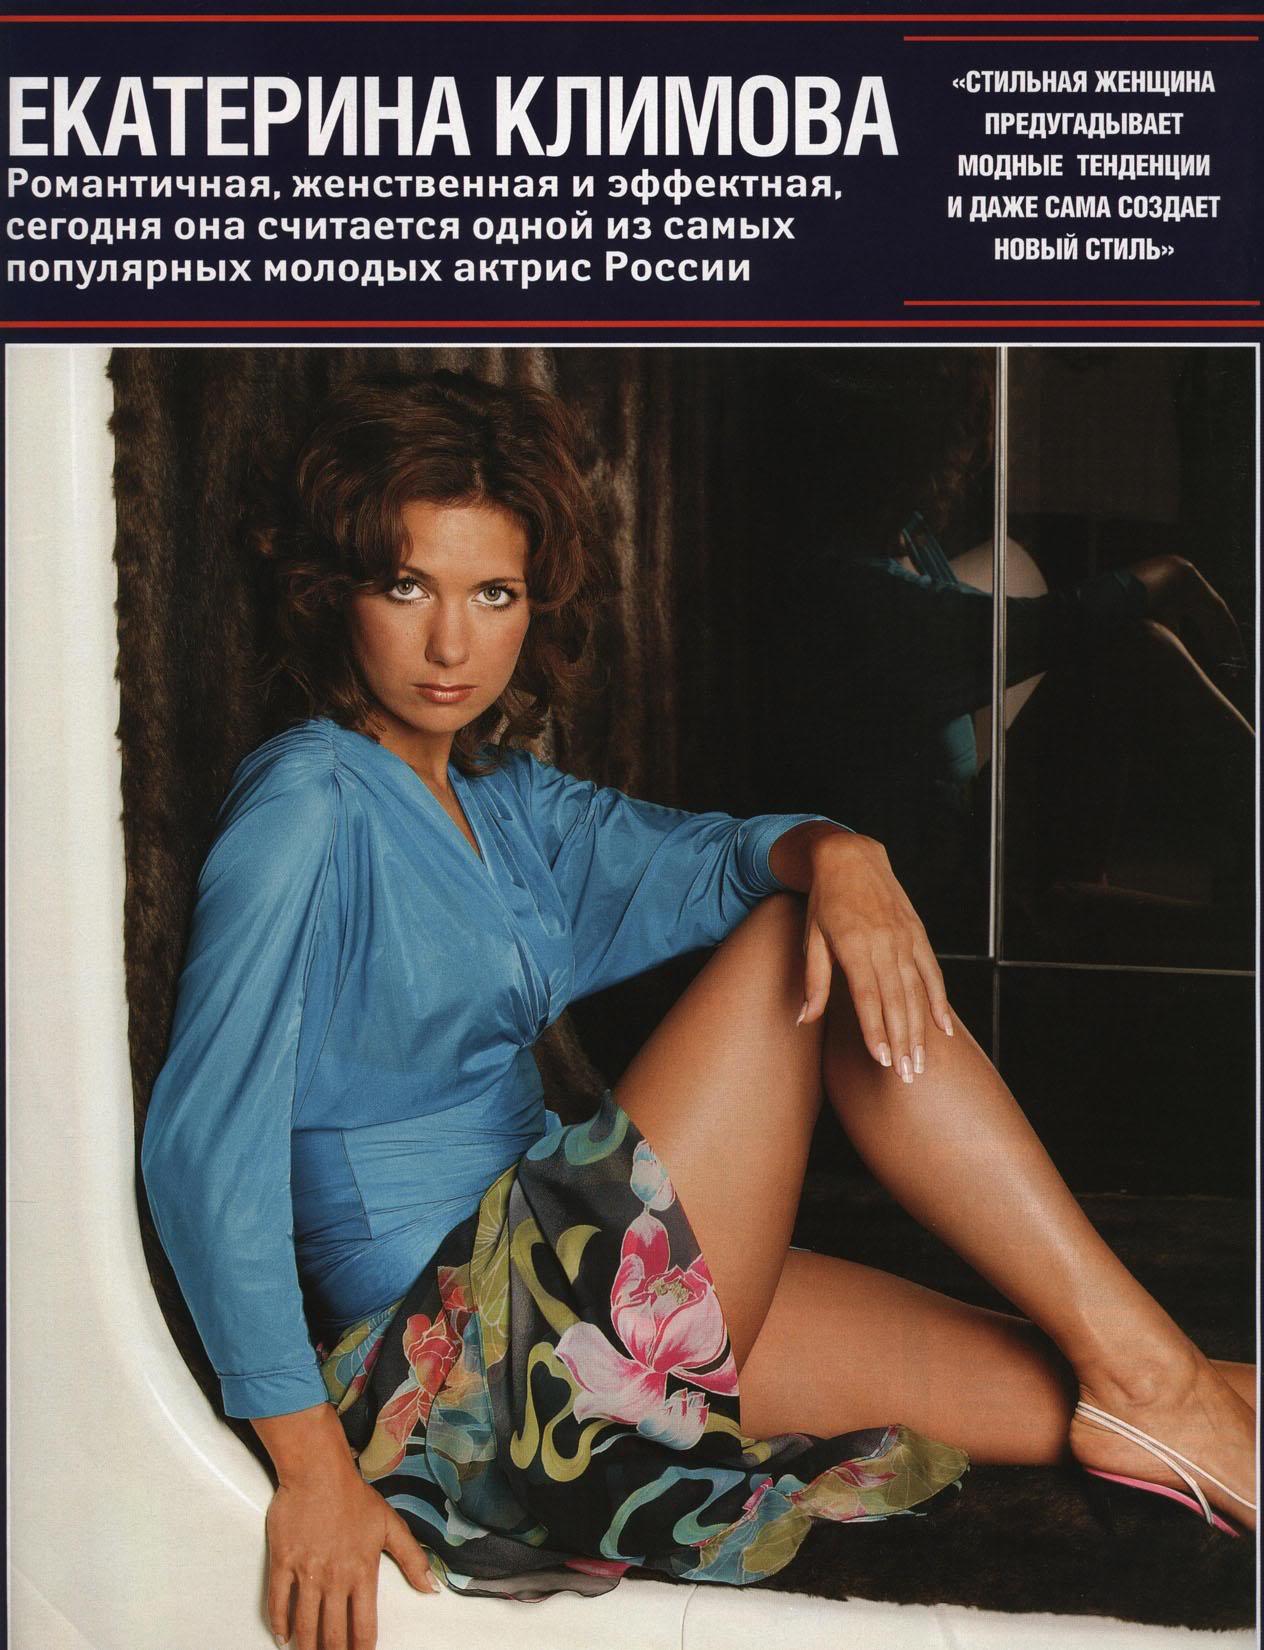 Фото екатерины климовой для журналов 10 фотография